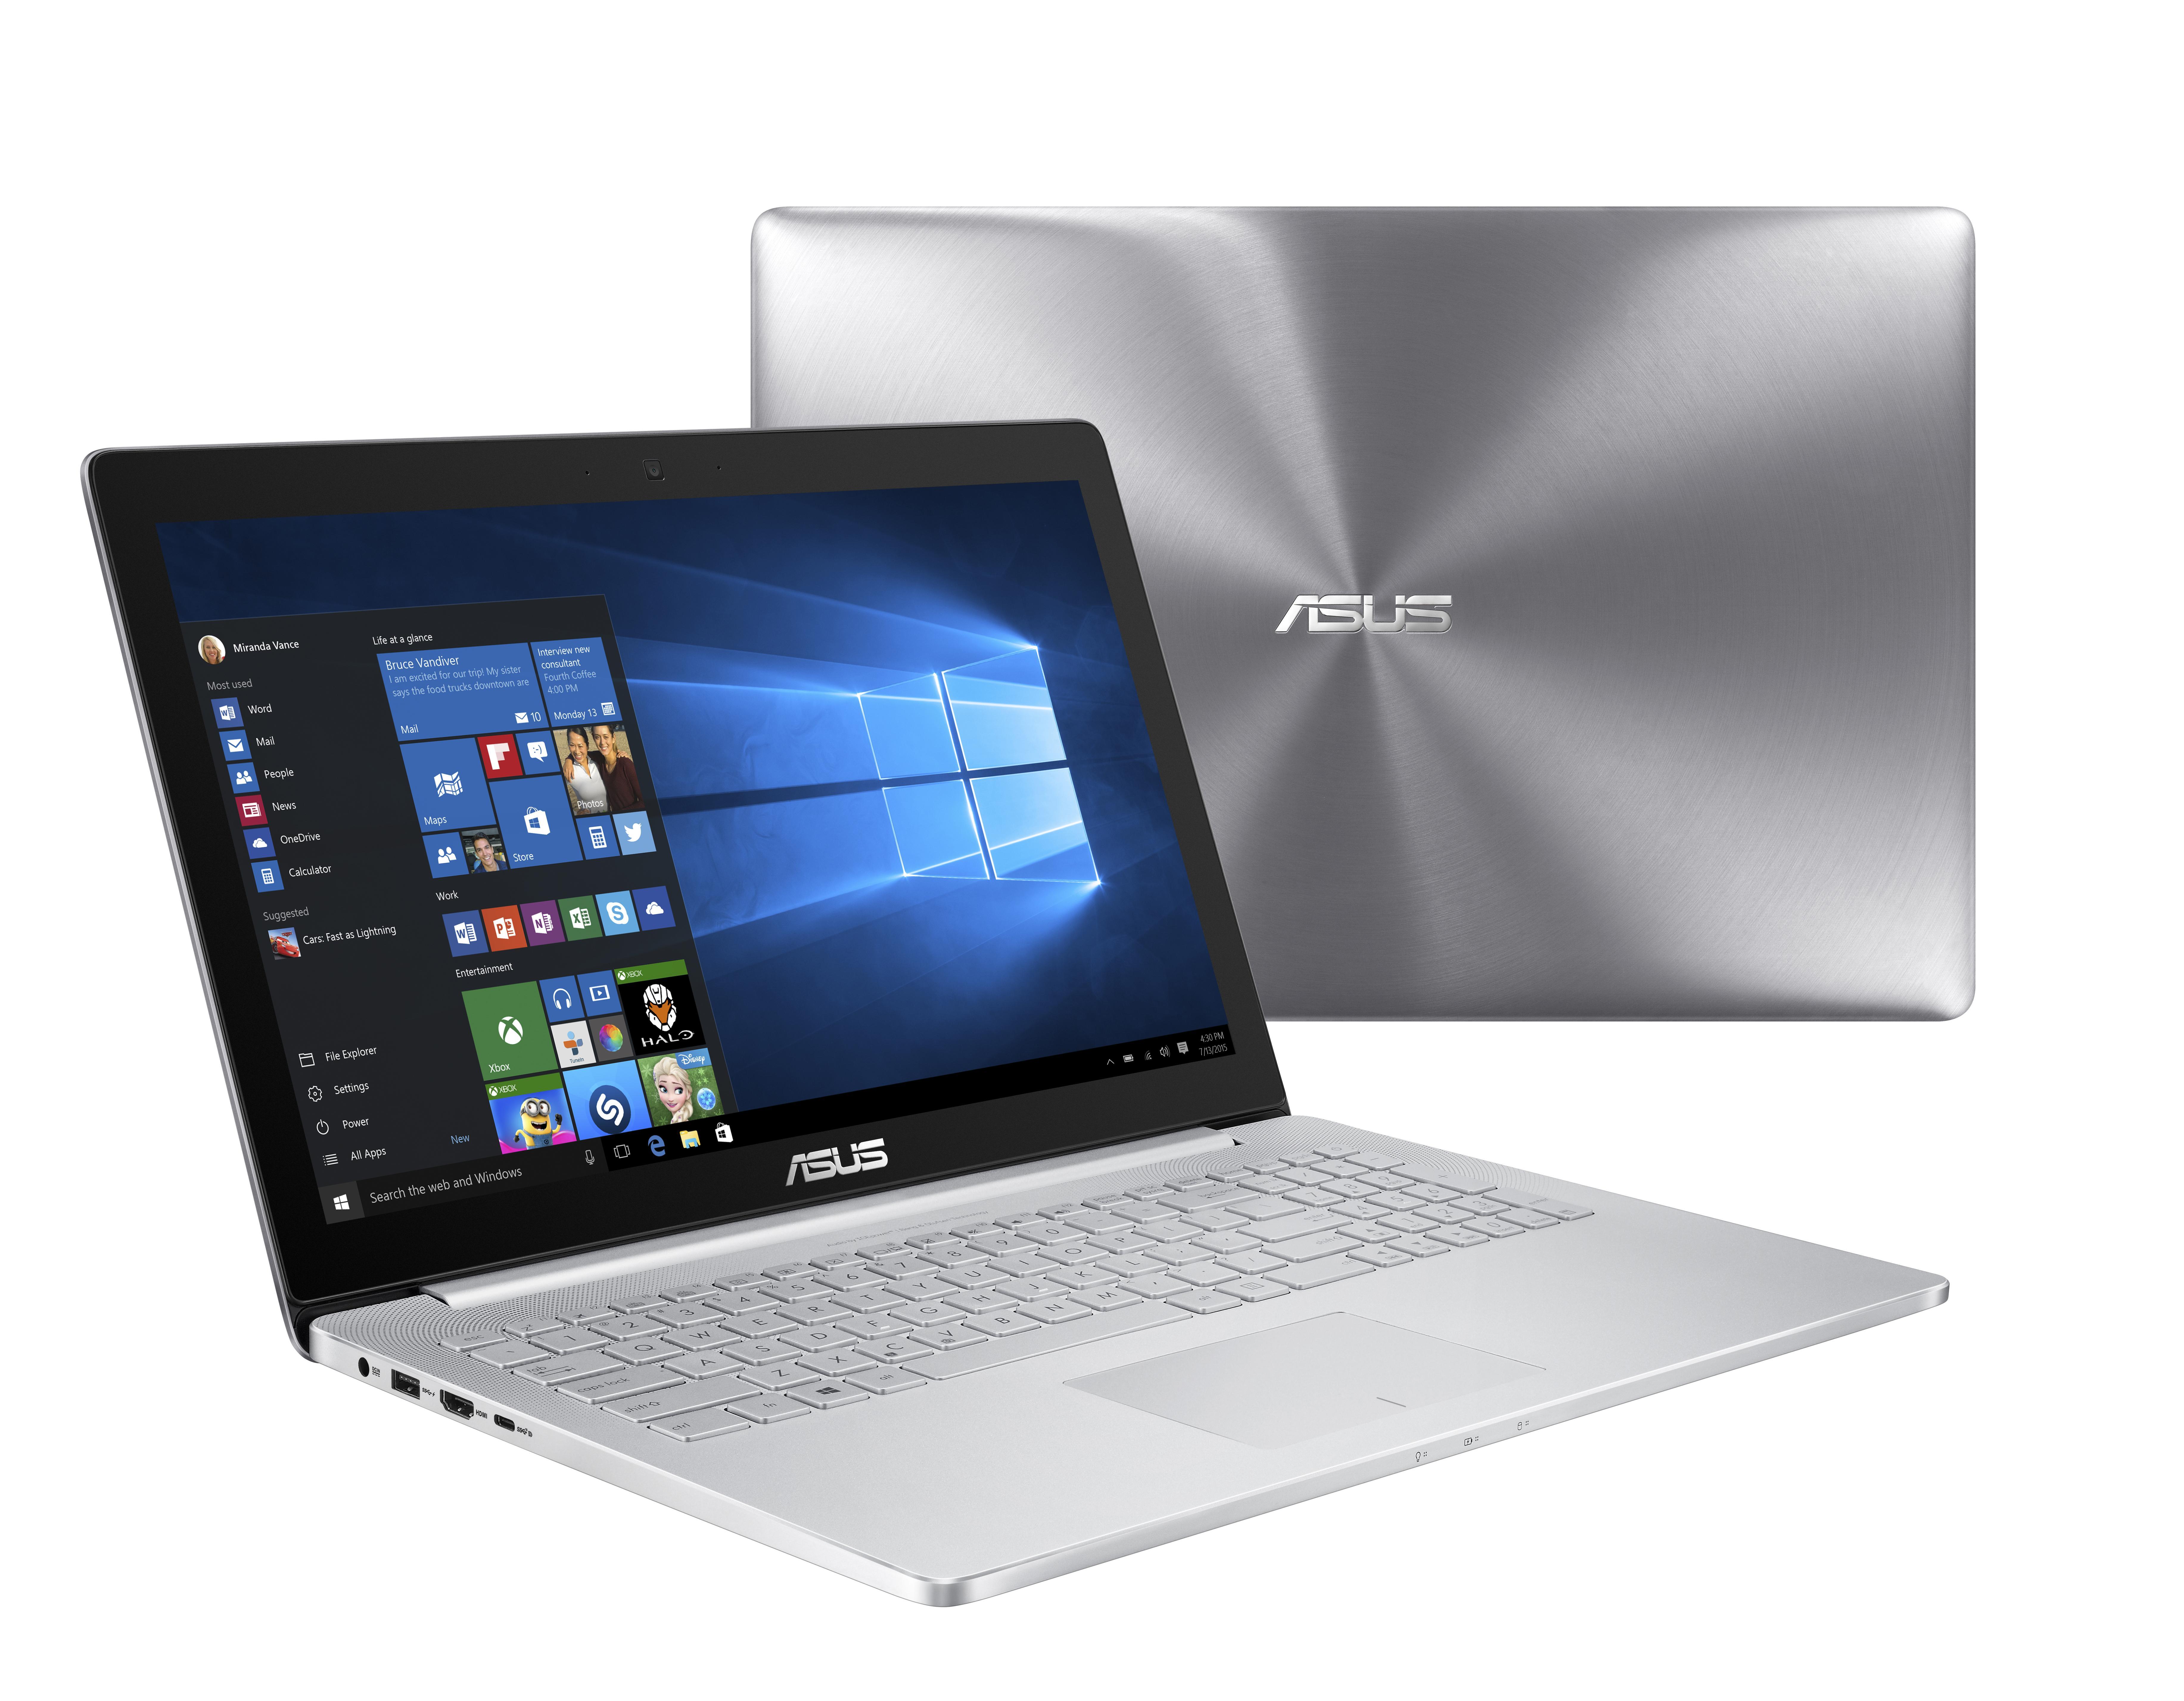 ASUS UX501VW 15,6/i7-6700HQ/512SSD/16G/W10P stříb.